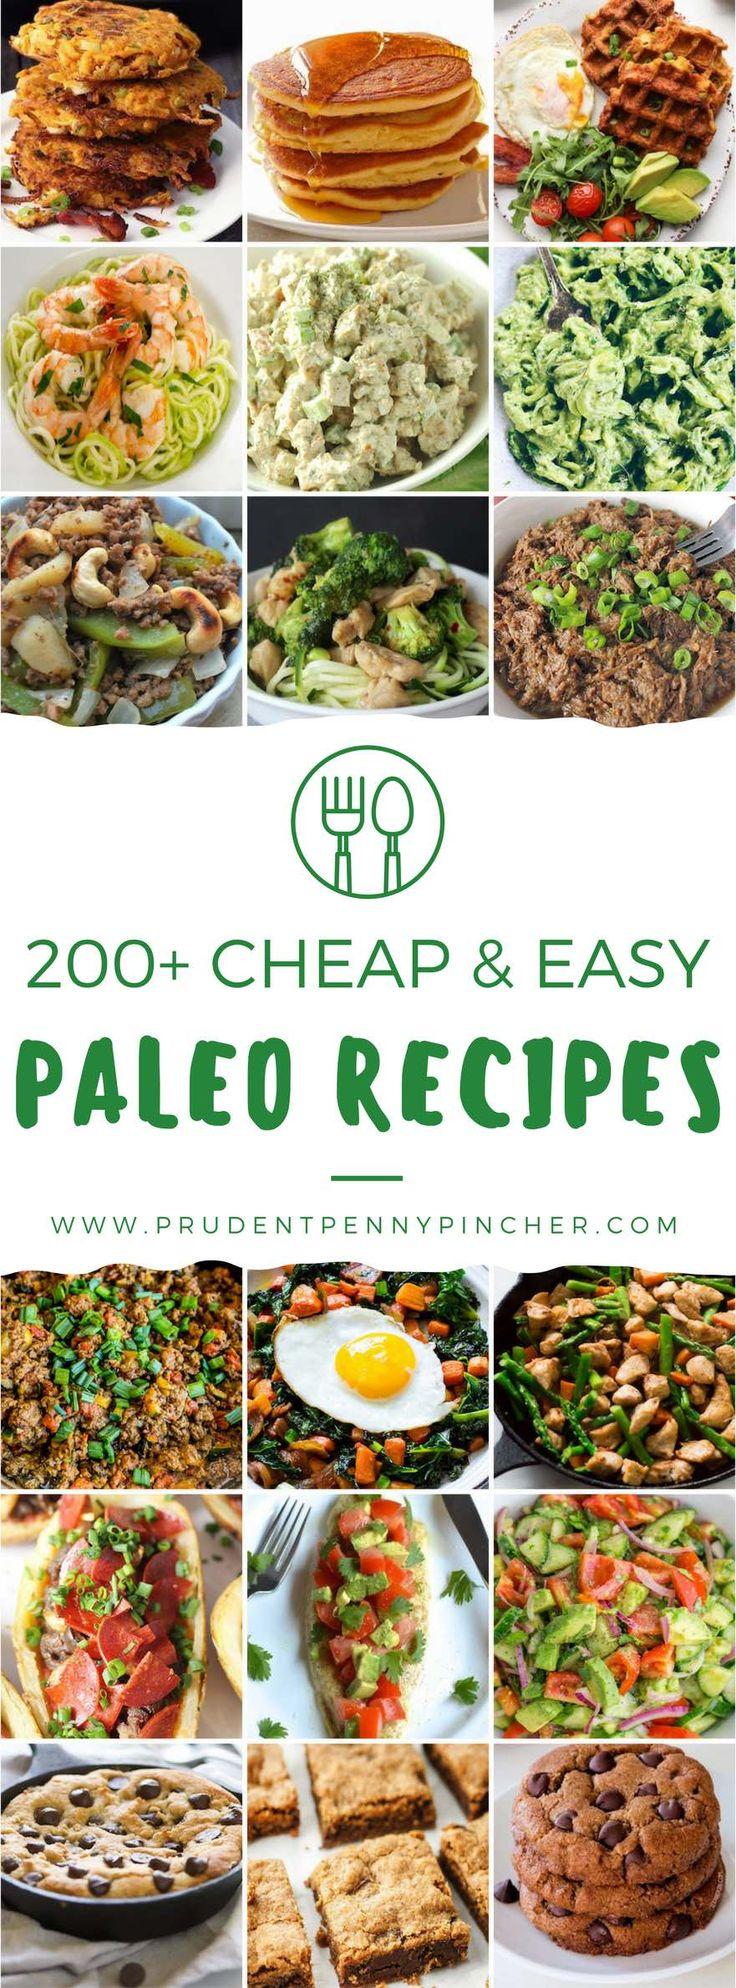 200 Cheap & Easy Paleo Recipes